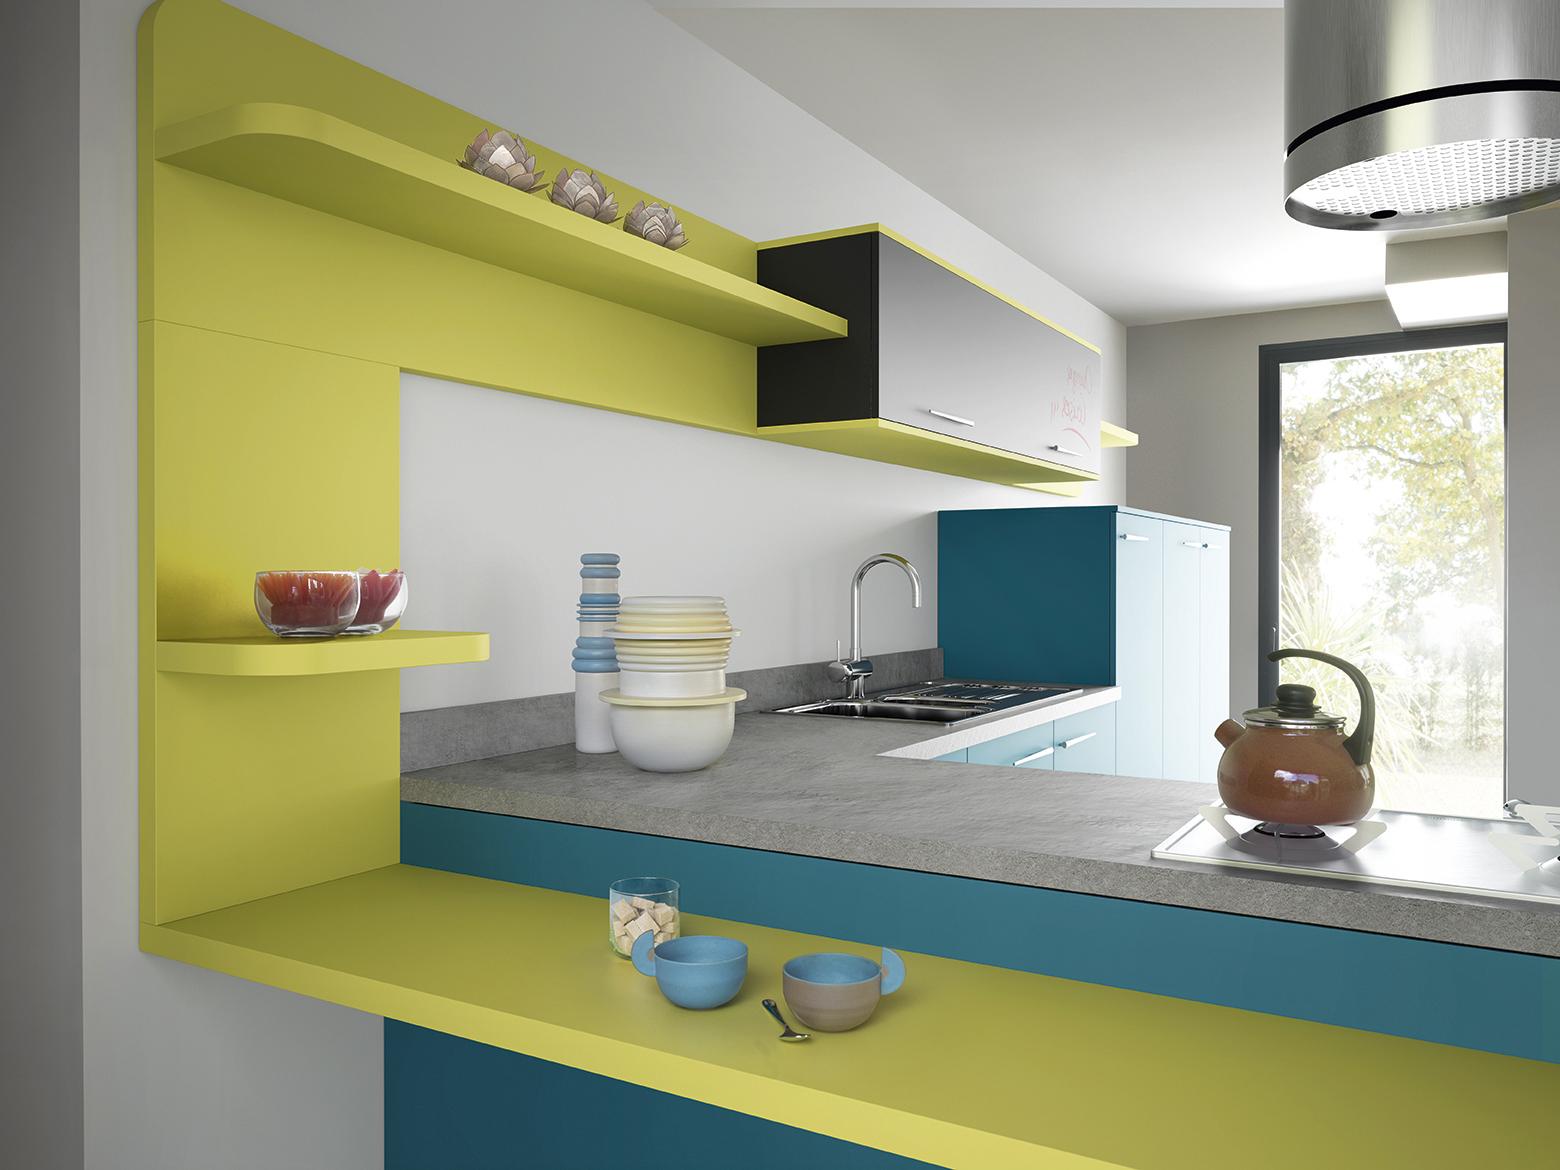 agencements de couleurs notre guide de base co peinture. Black Bedroom Furniture Sets. Home Design Ideas